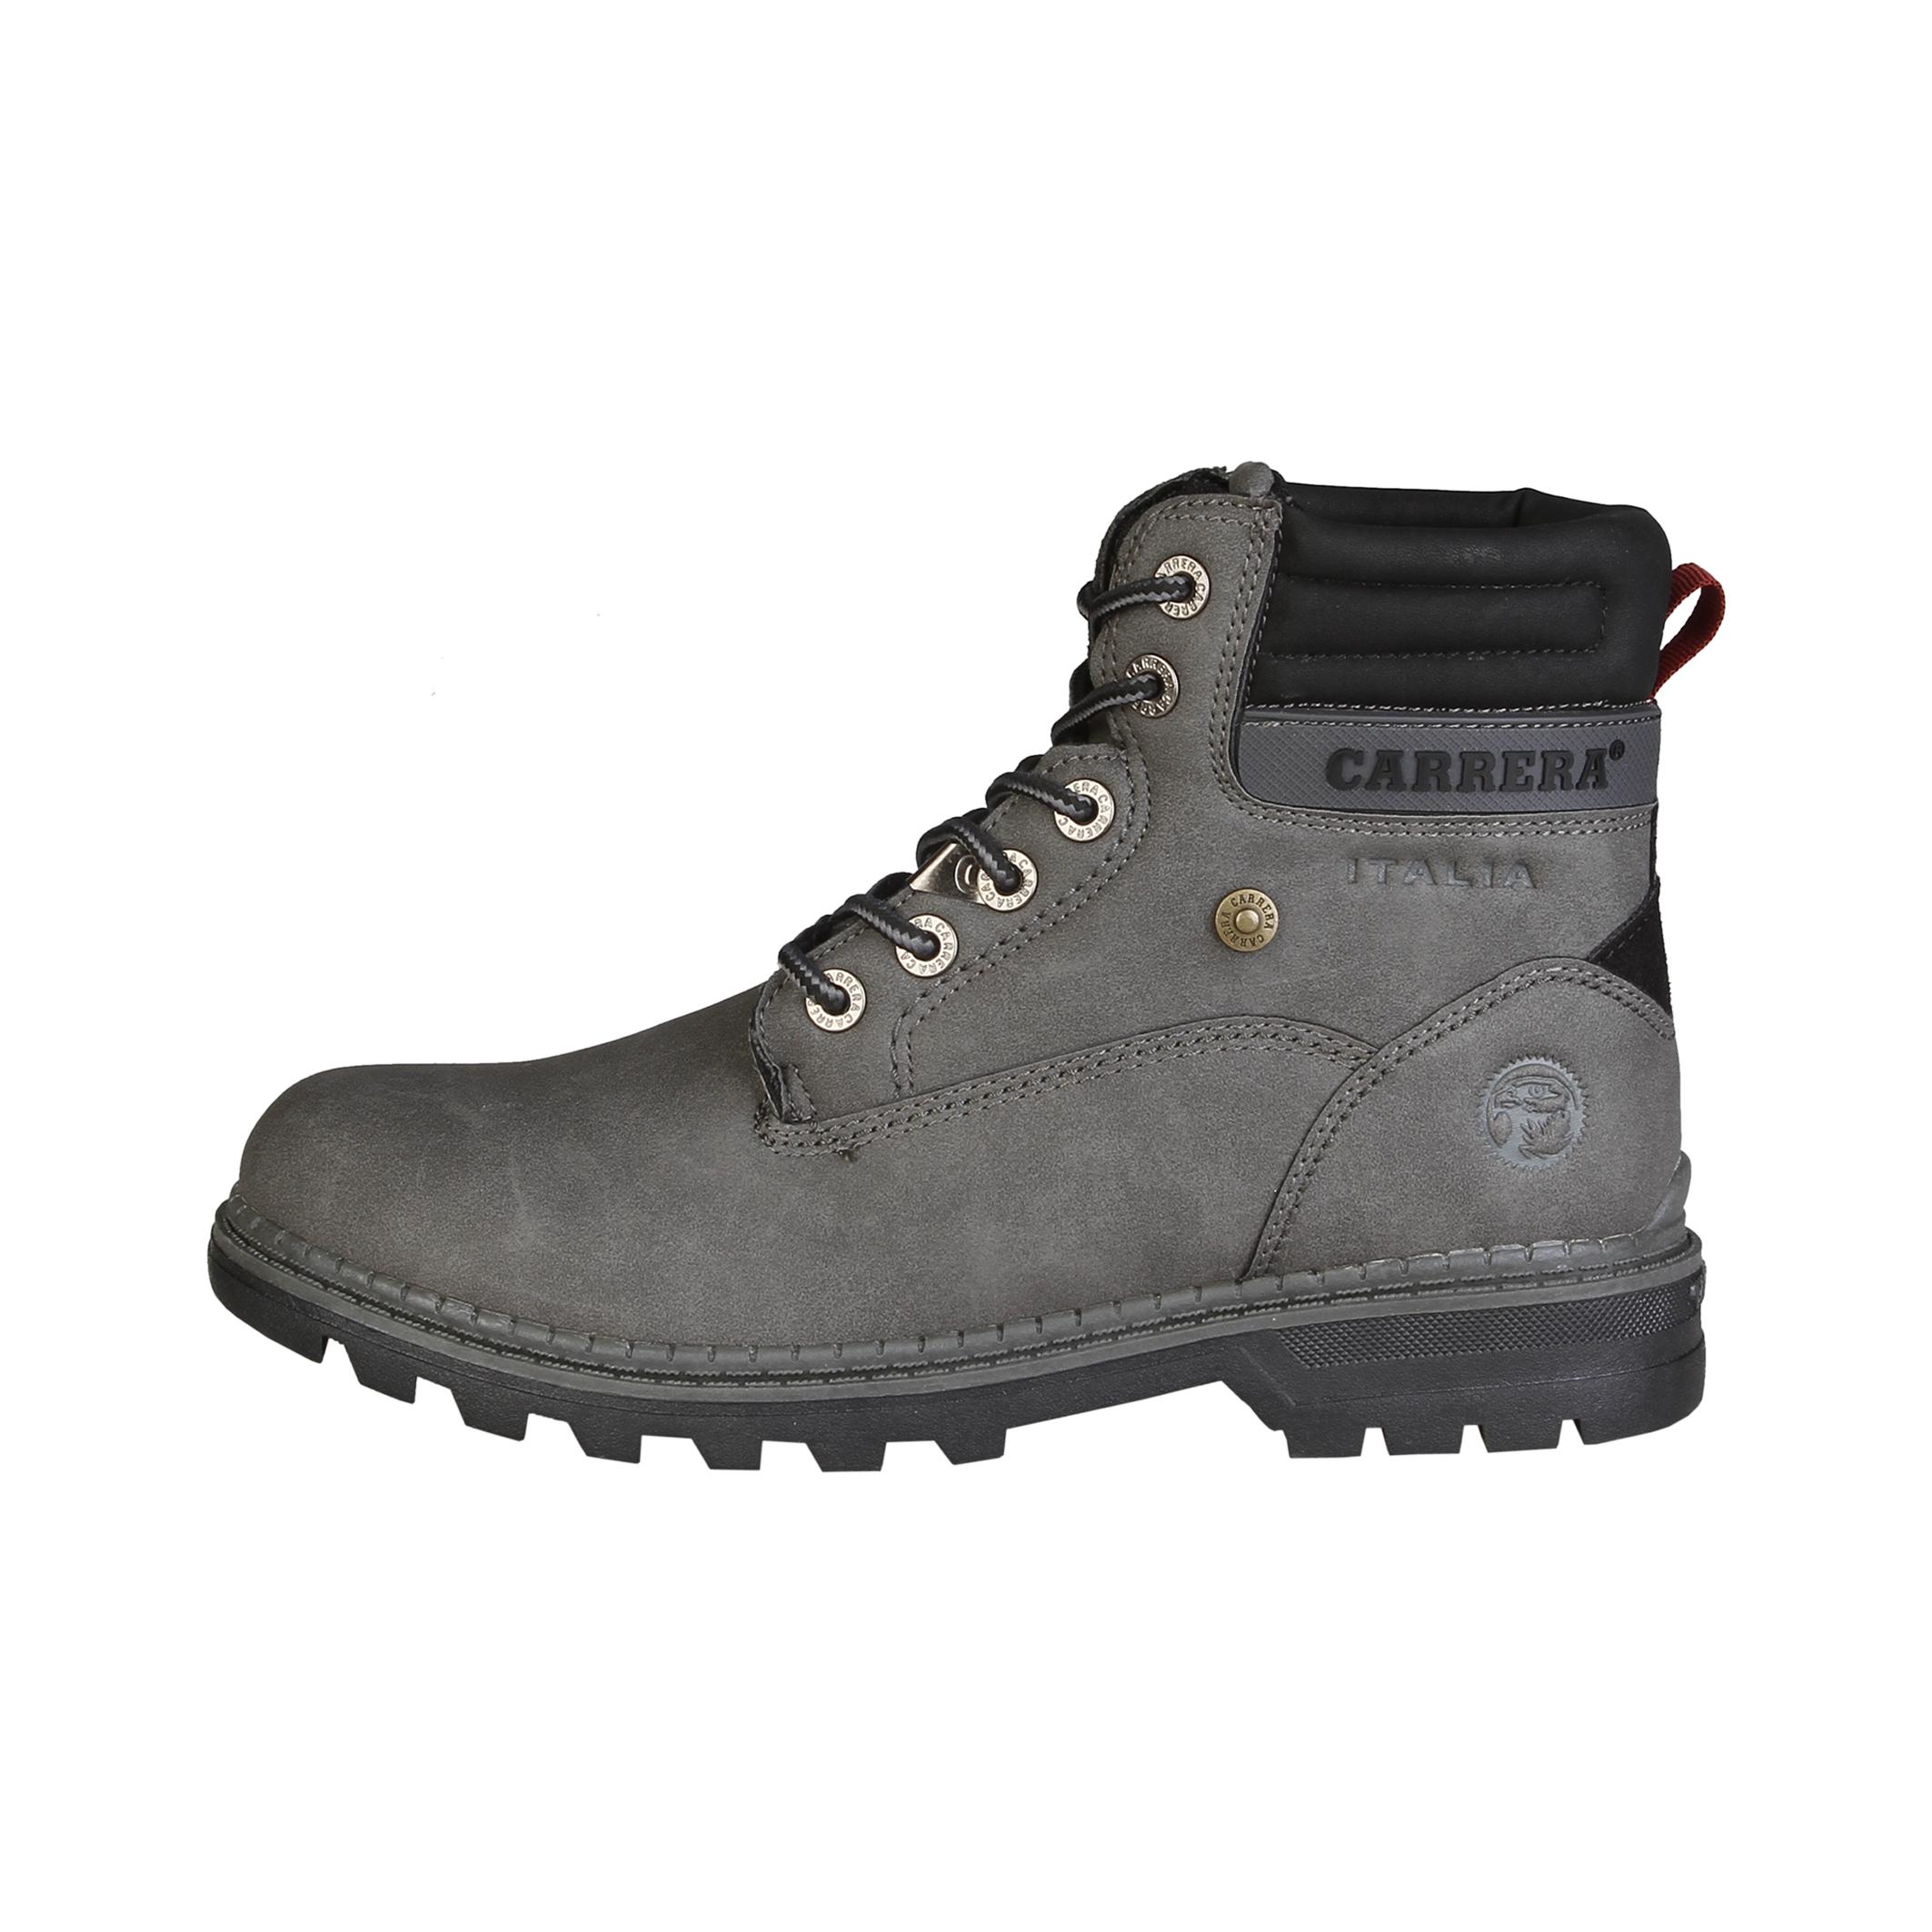 Carrera Jeans  - Botas altas con cordones y cuello acolchado  - Empeine: eco-cuero y tejido  - Ojete